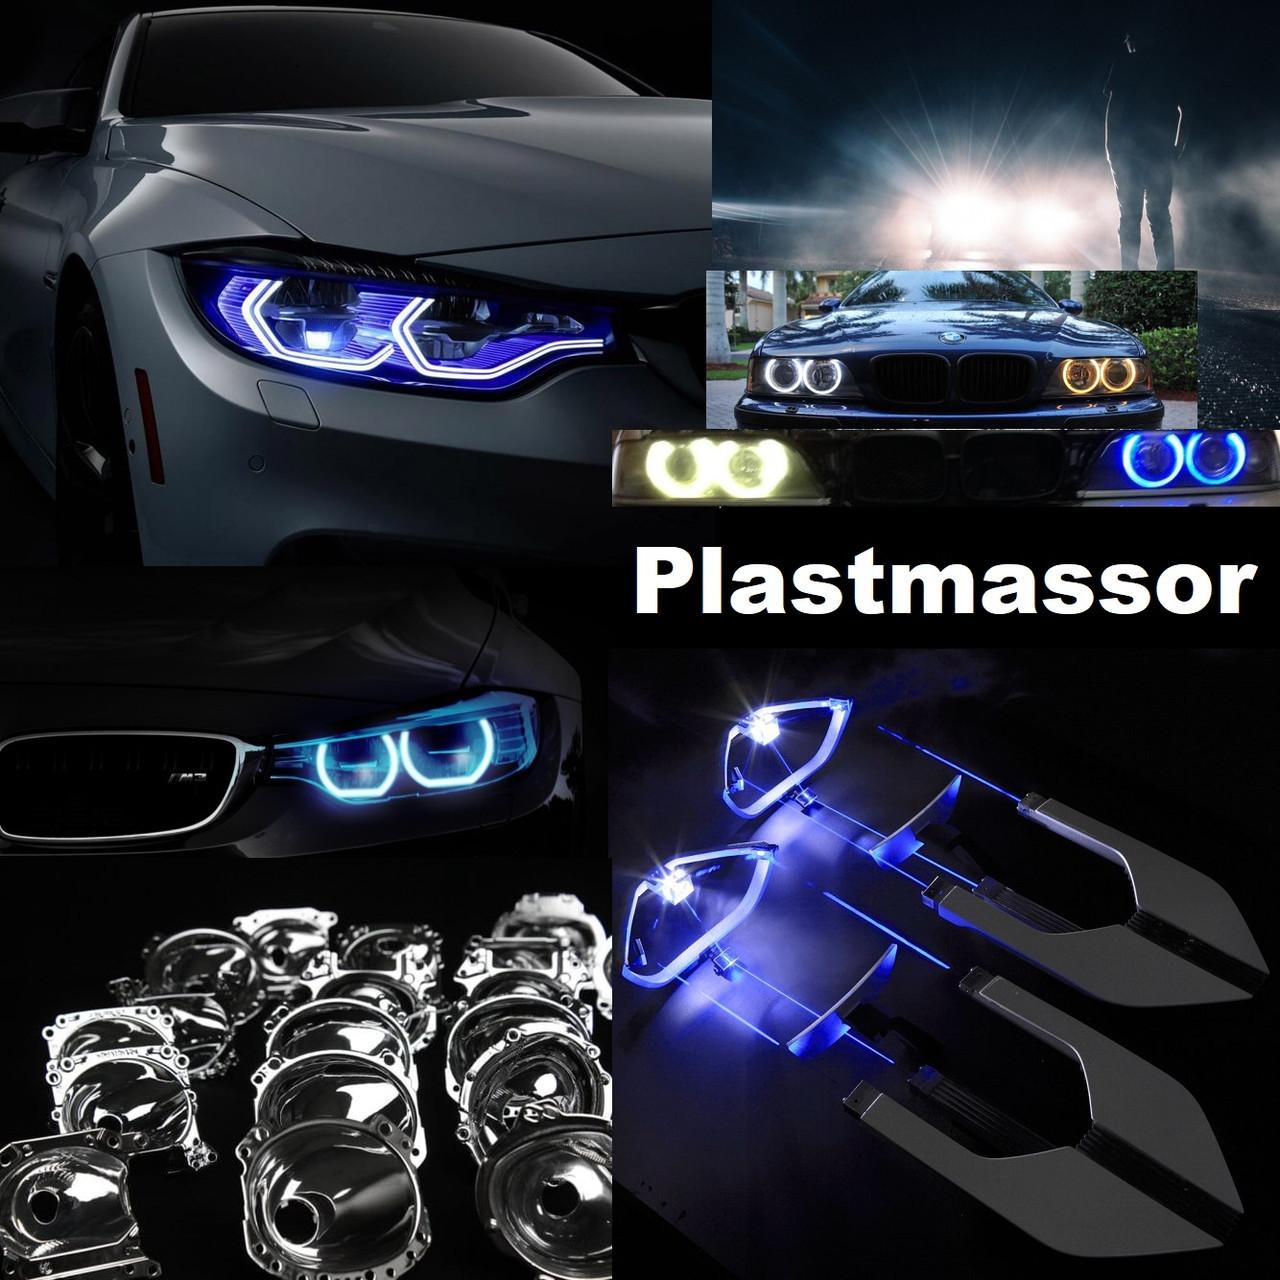 Ремонт Plastmassor вакуумная металлизация восстановление отражателей фар Volkswagen